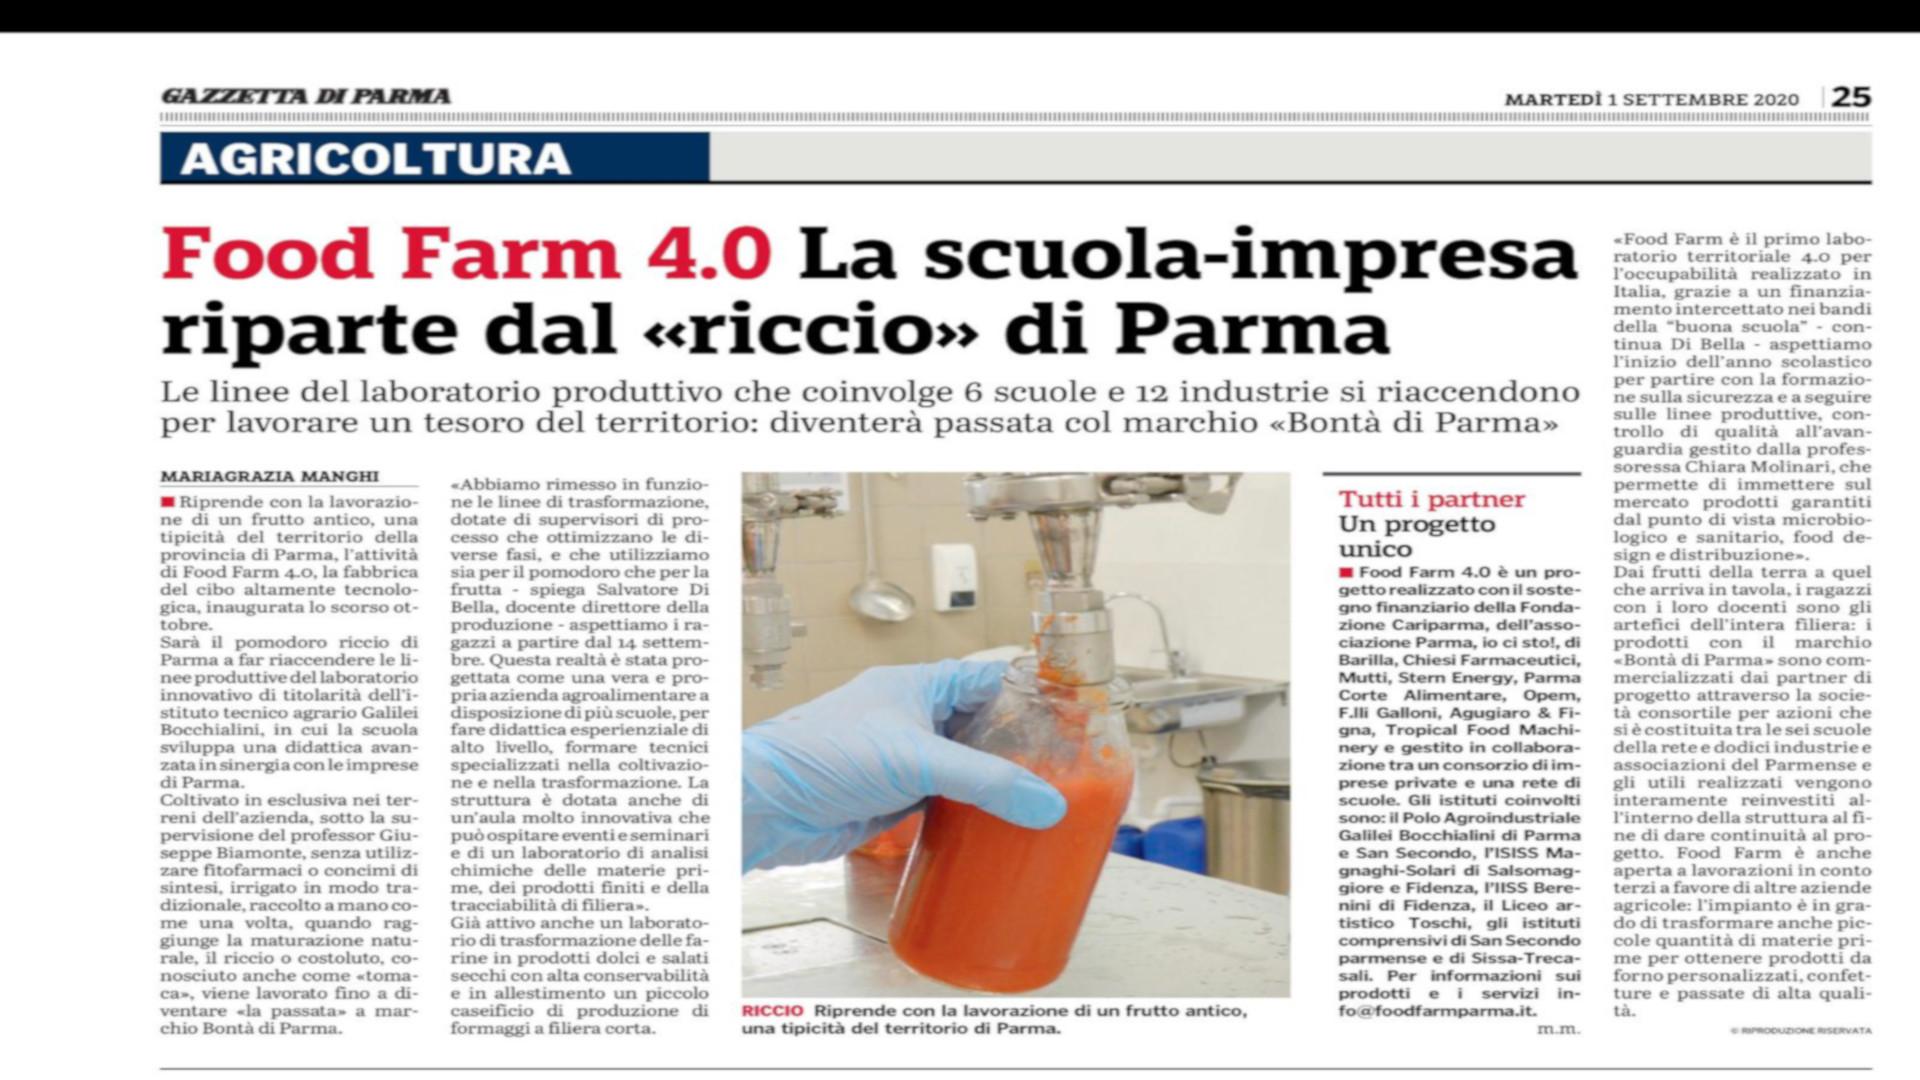 Food Farm 4.0: La Scuola-Impresa riparte dal riccio di Parma